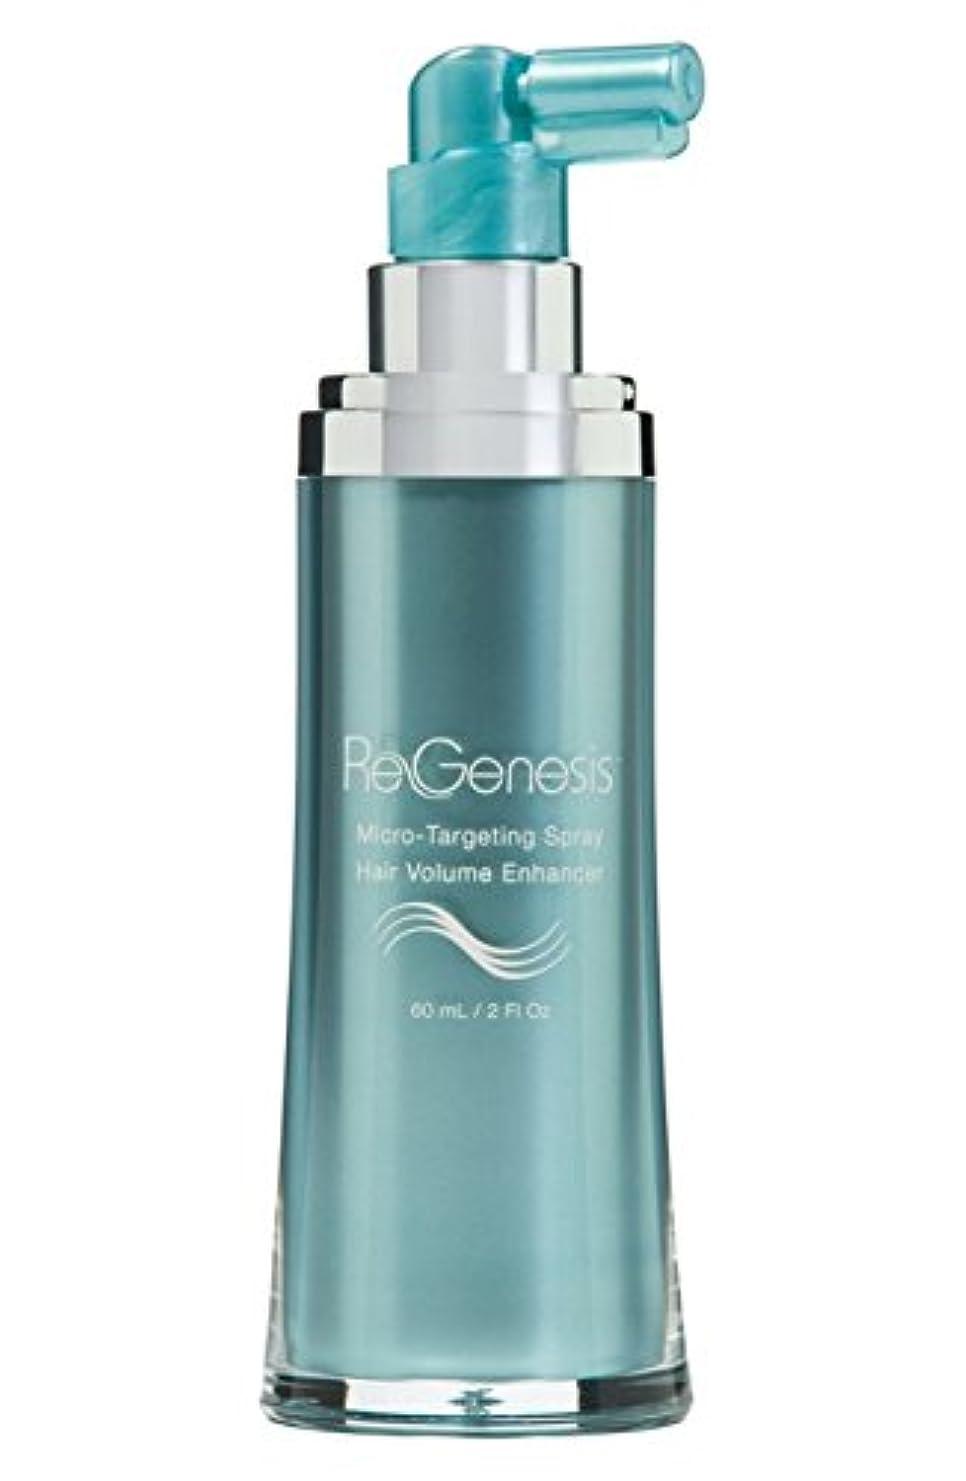 ウォルターカニンガム段階巨人リバイタラッシュの新しいブランド REGENESISリジェネシス Micro-Targeting Spray Hair Volume Enhancer [並行輸入品]